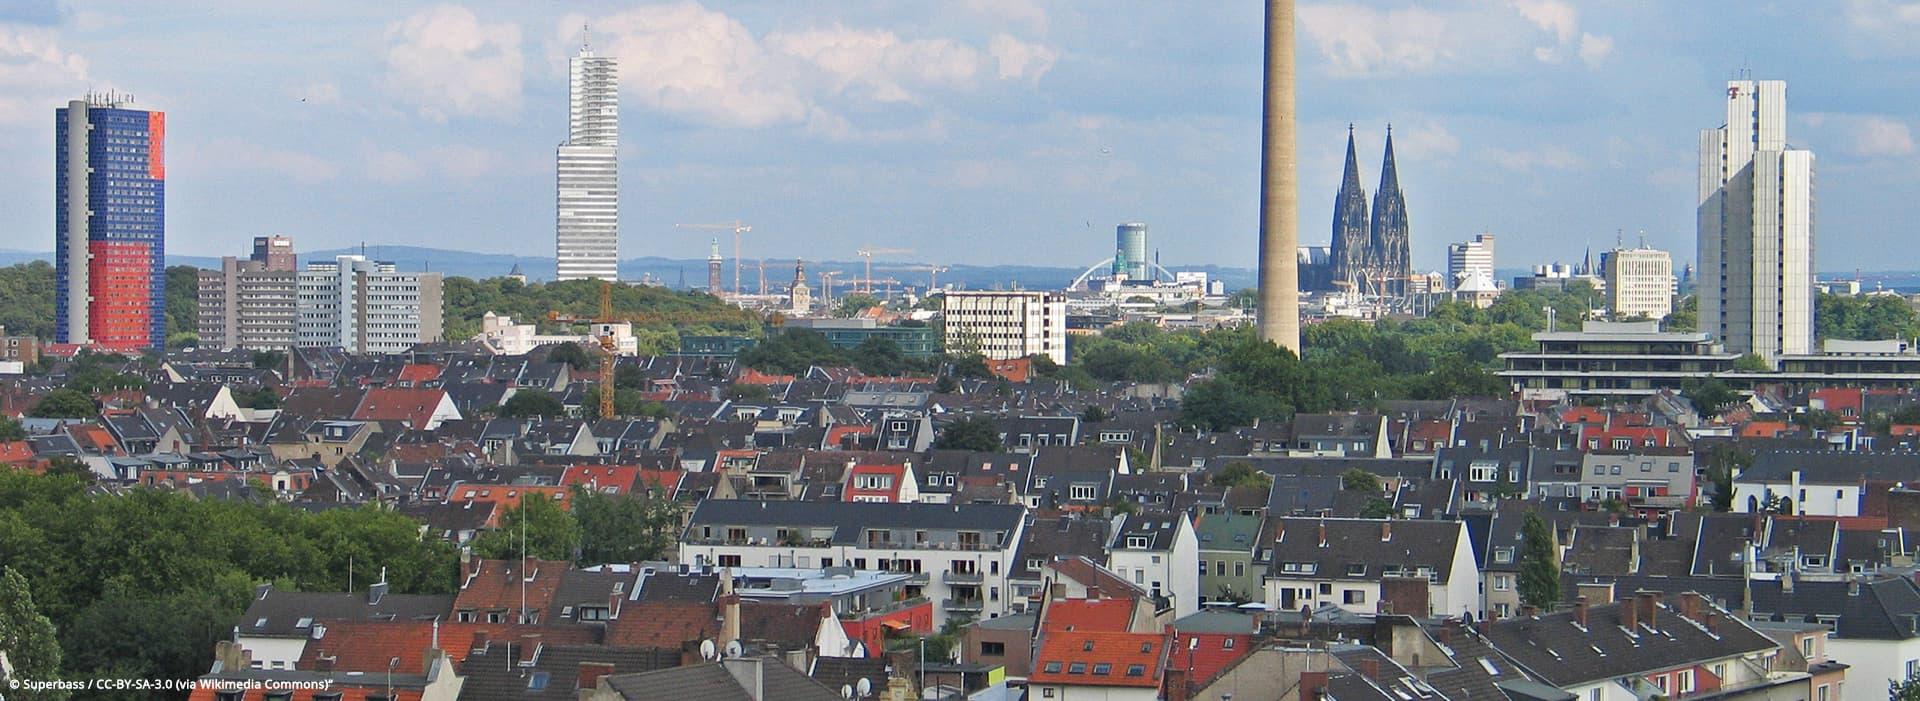 Das Wohnen in Kölns Veedel Ehrenfeld